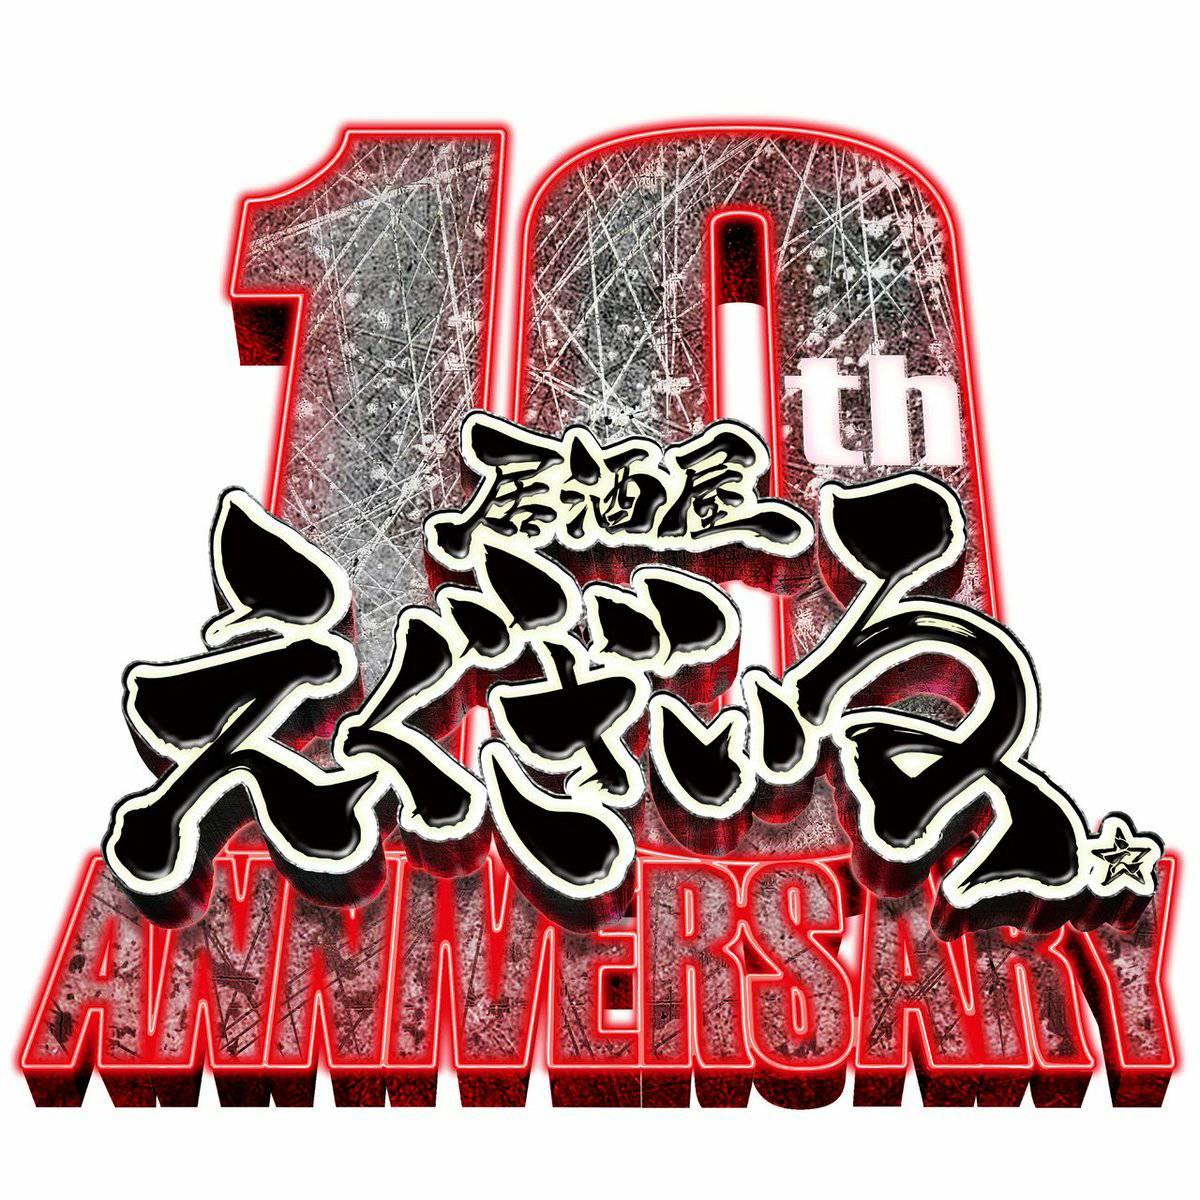 【明日】「居酒屋えぐざいる 10th ANNIVERSARY」LDHオフィシャルファンクラブ会員限定プレオープンイベント開催!6/25(火)★第1部 DOBERMAN INFINITY★第2部 三代目J SOUL BROTHERS※出演メンバー未定